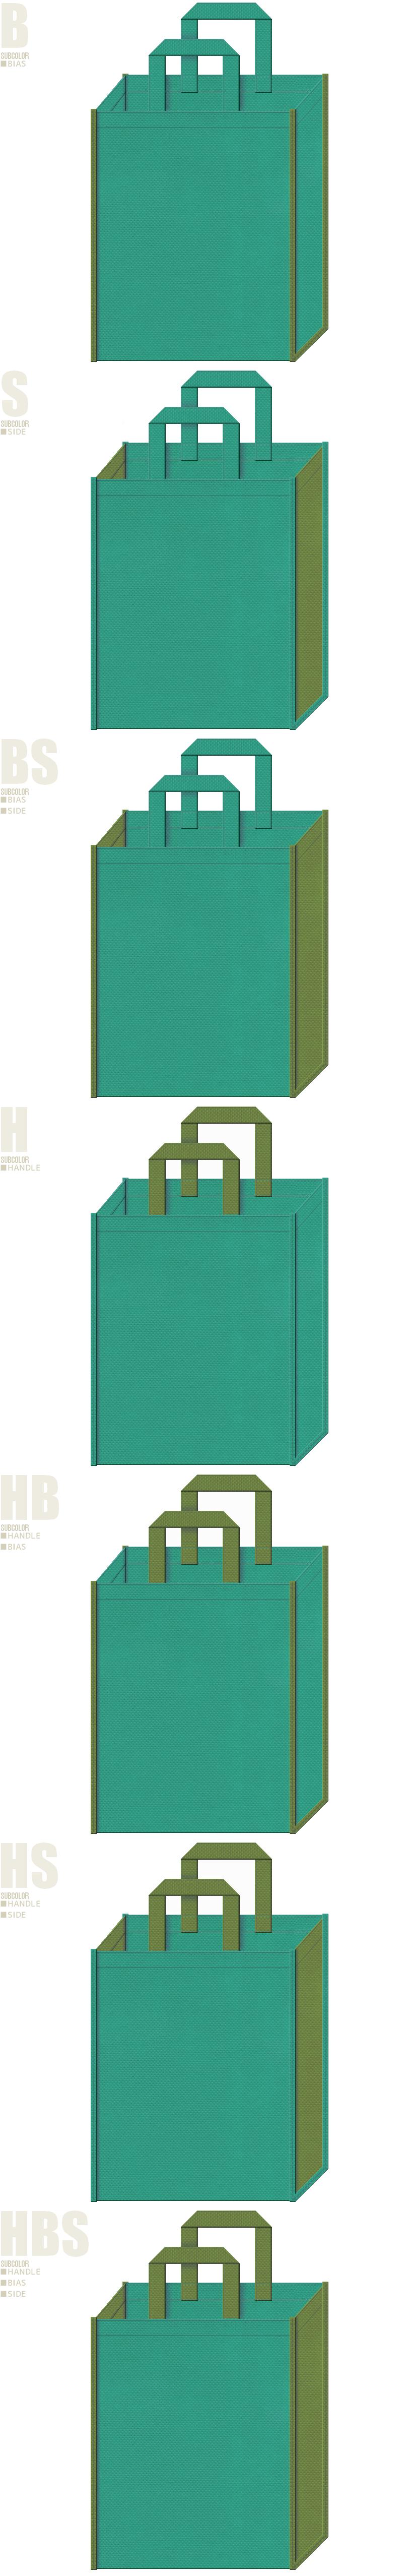 海藻・昆布茶・青汁・緑藻類・健康食品・日本茶・植木・造園・エクステリア・ガーデニング・園芸用品の展示会用バッグにお奨めの不織布バッグデザイン:青緑色と草色の配色7パターン